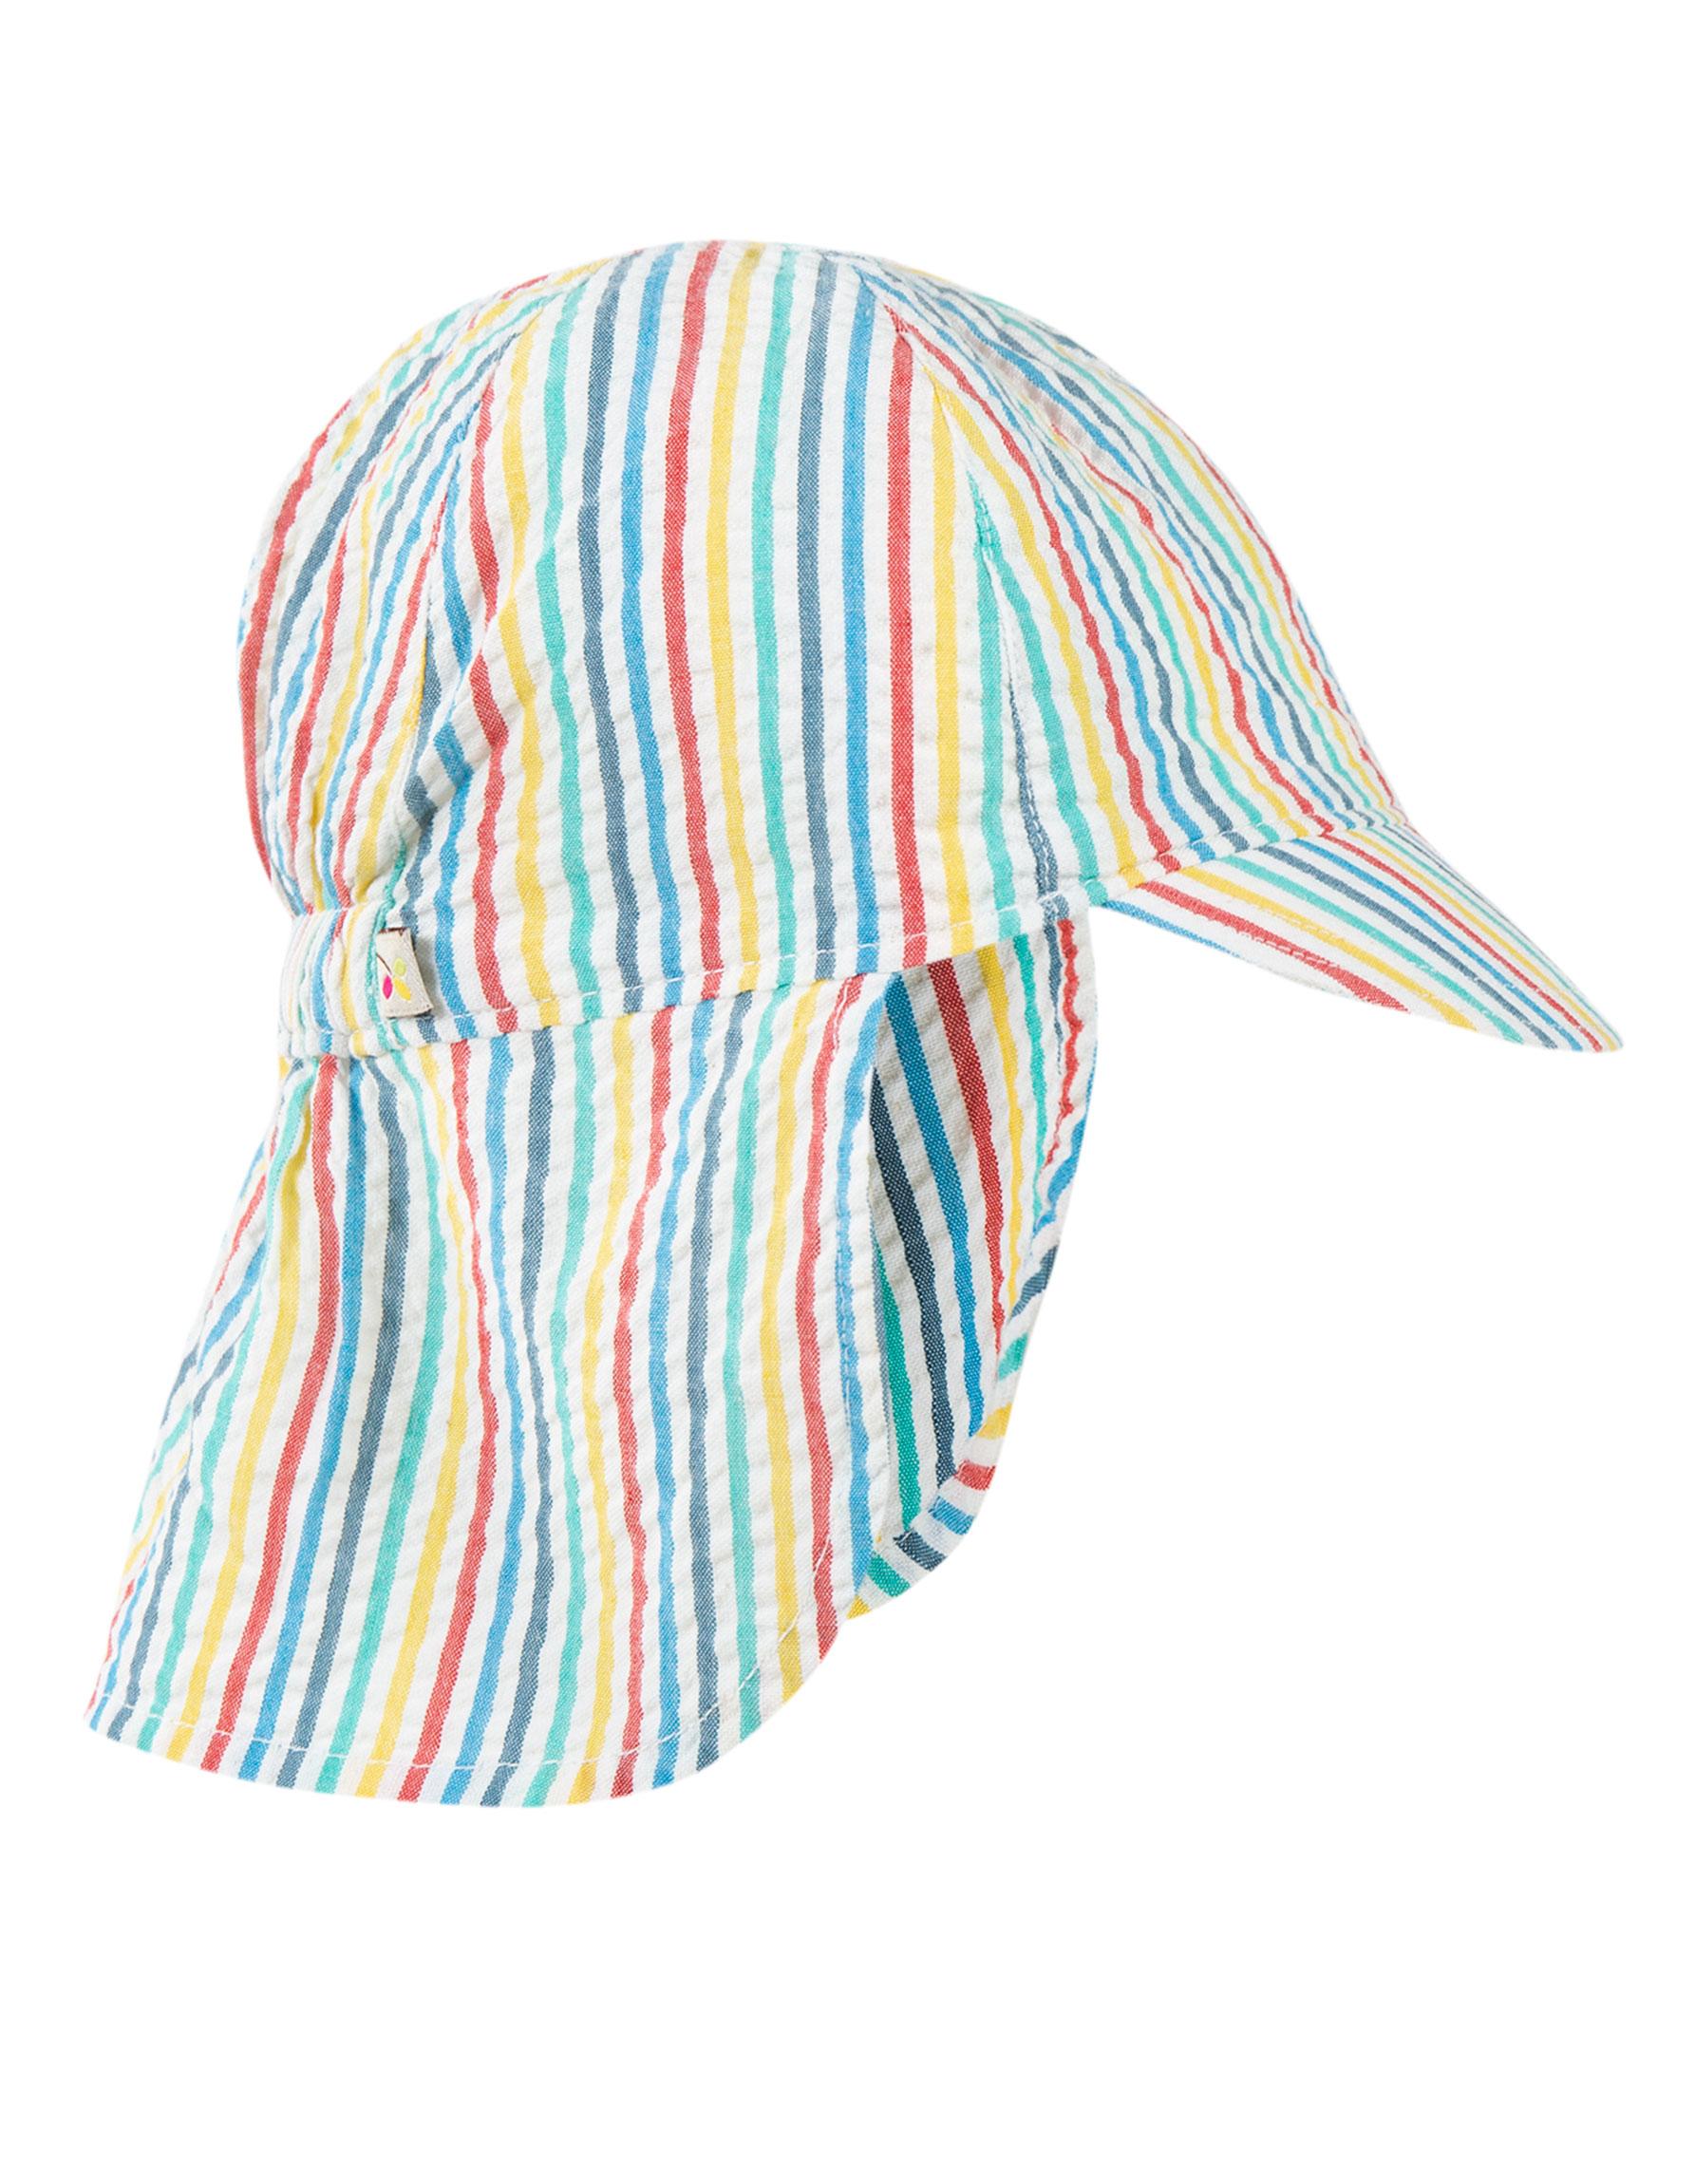 Frugi Seersucker Legionnaires Hat, Multi Seersucker Stripe